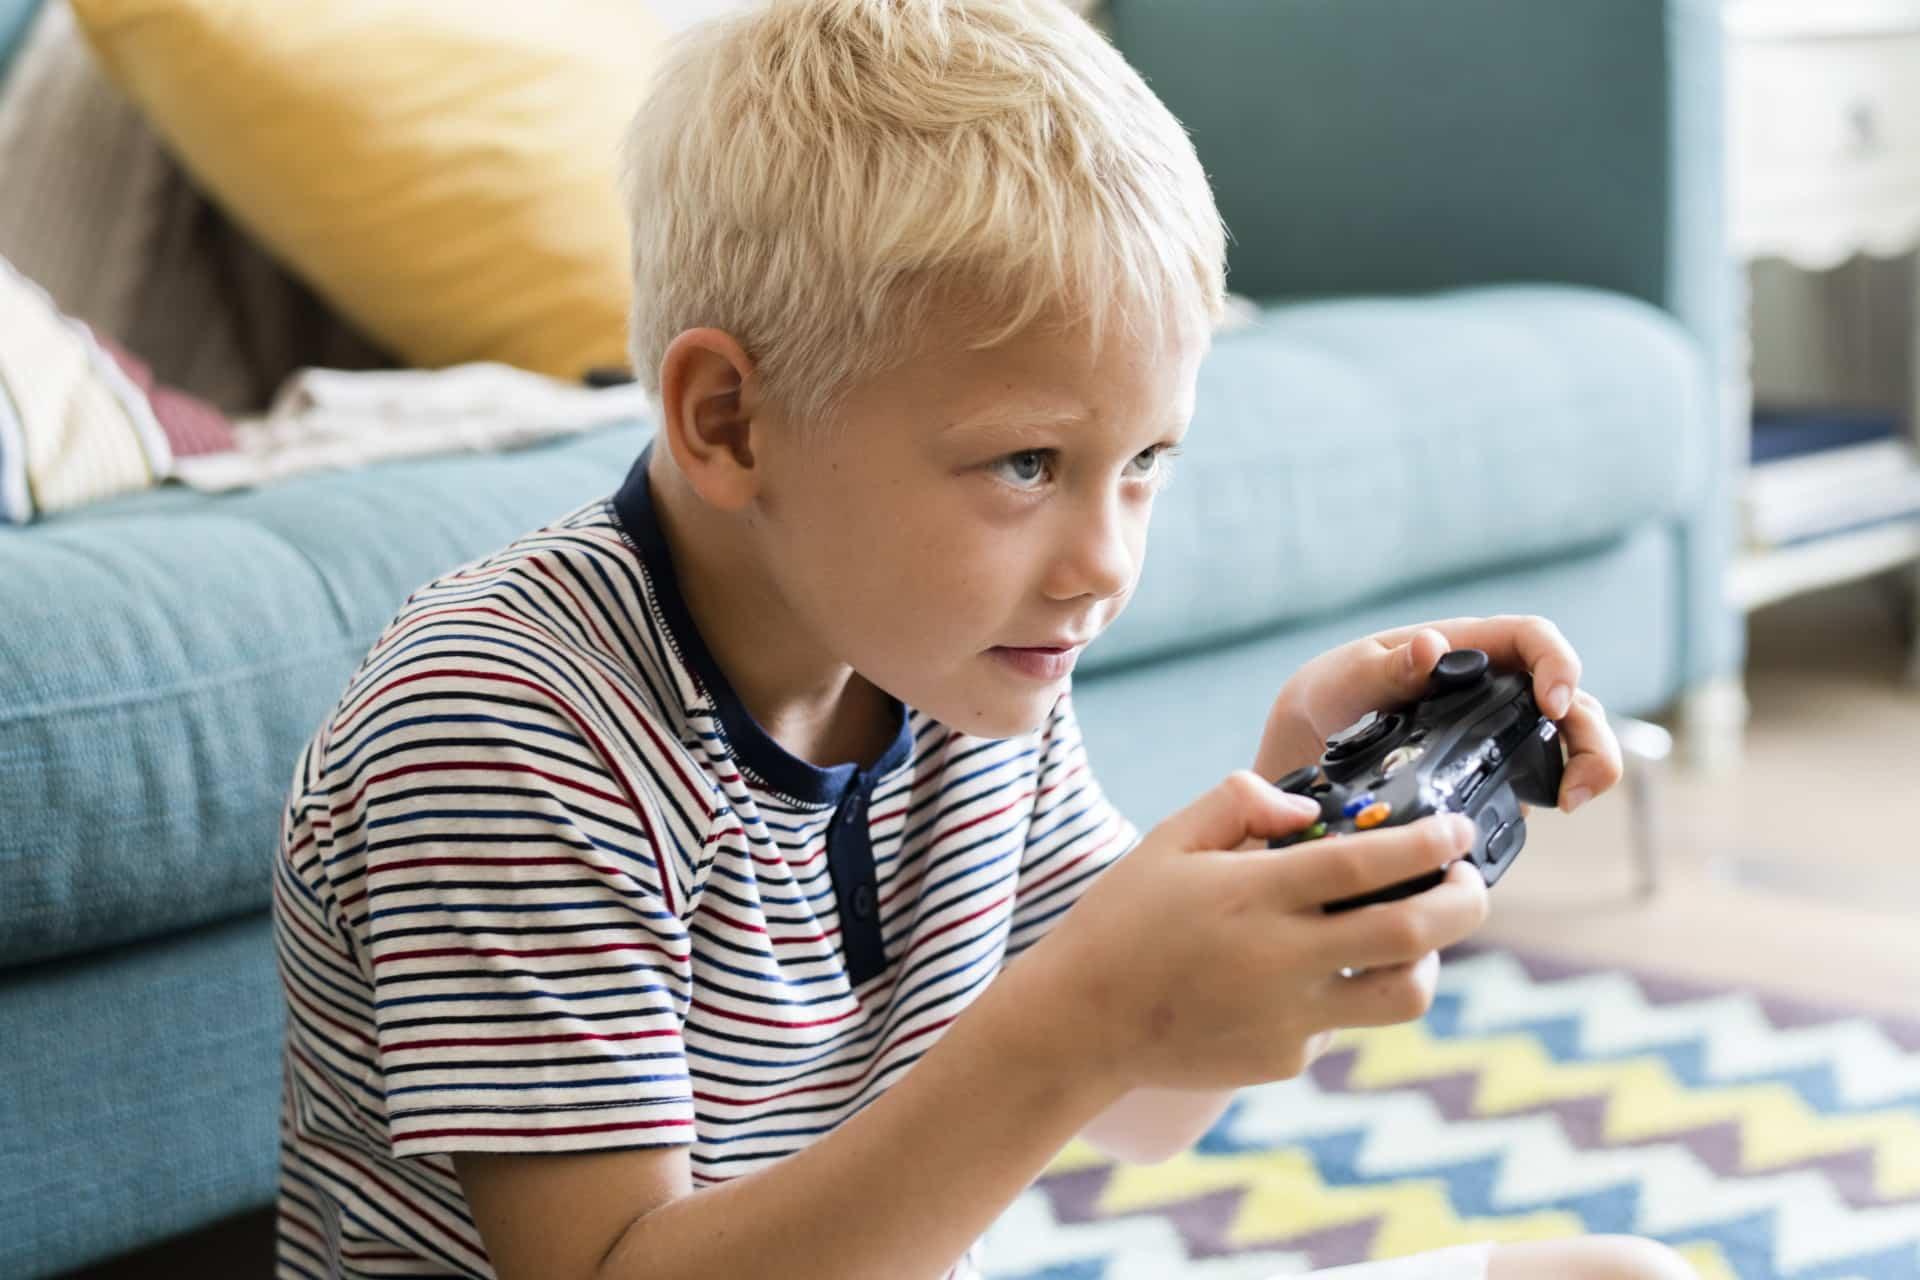 1585526476 496 Bitdefender Ce que les parents doivent savoir a propos - Bitdefender : Ce que les parents doivent savoir à propos de Fortnite